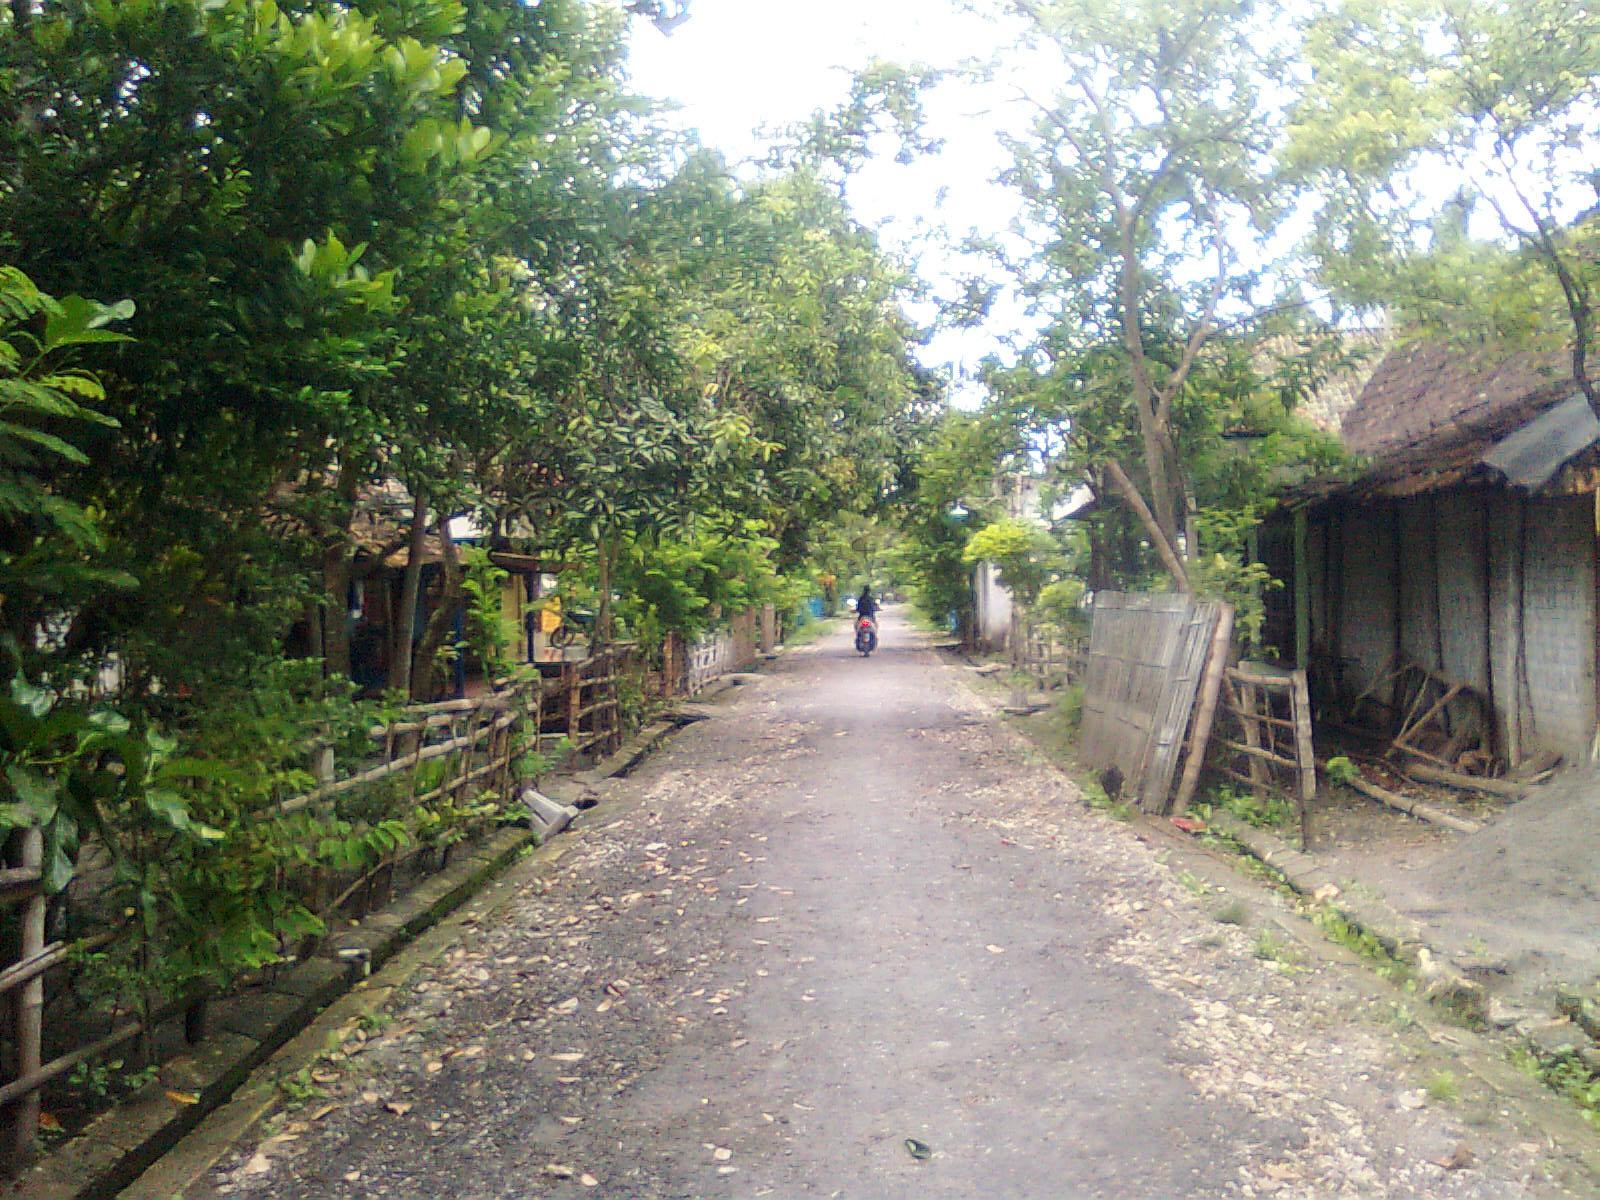 Makam Joko Tingkir Mas Karebet Lamongan Mengenal Kota Dukoh Pinggoboyo